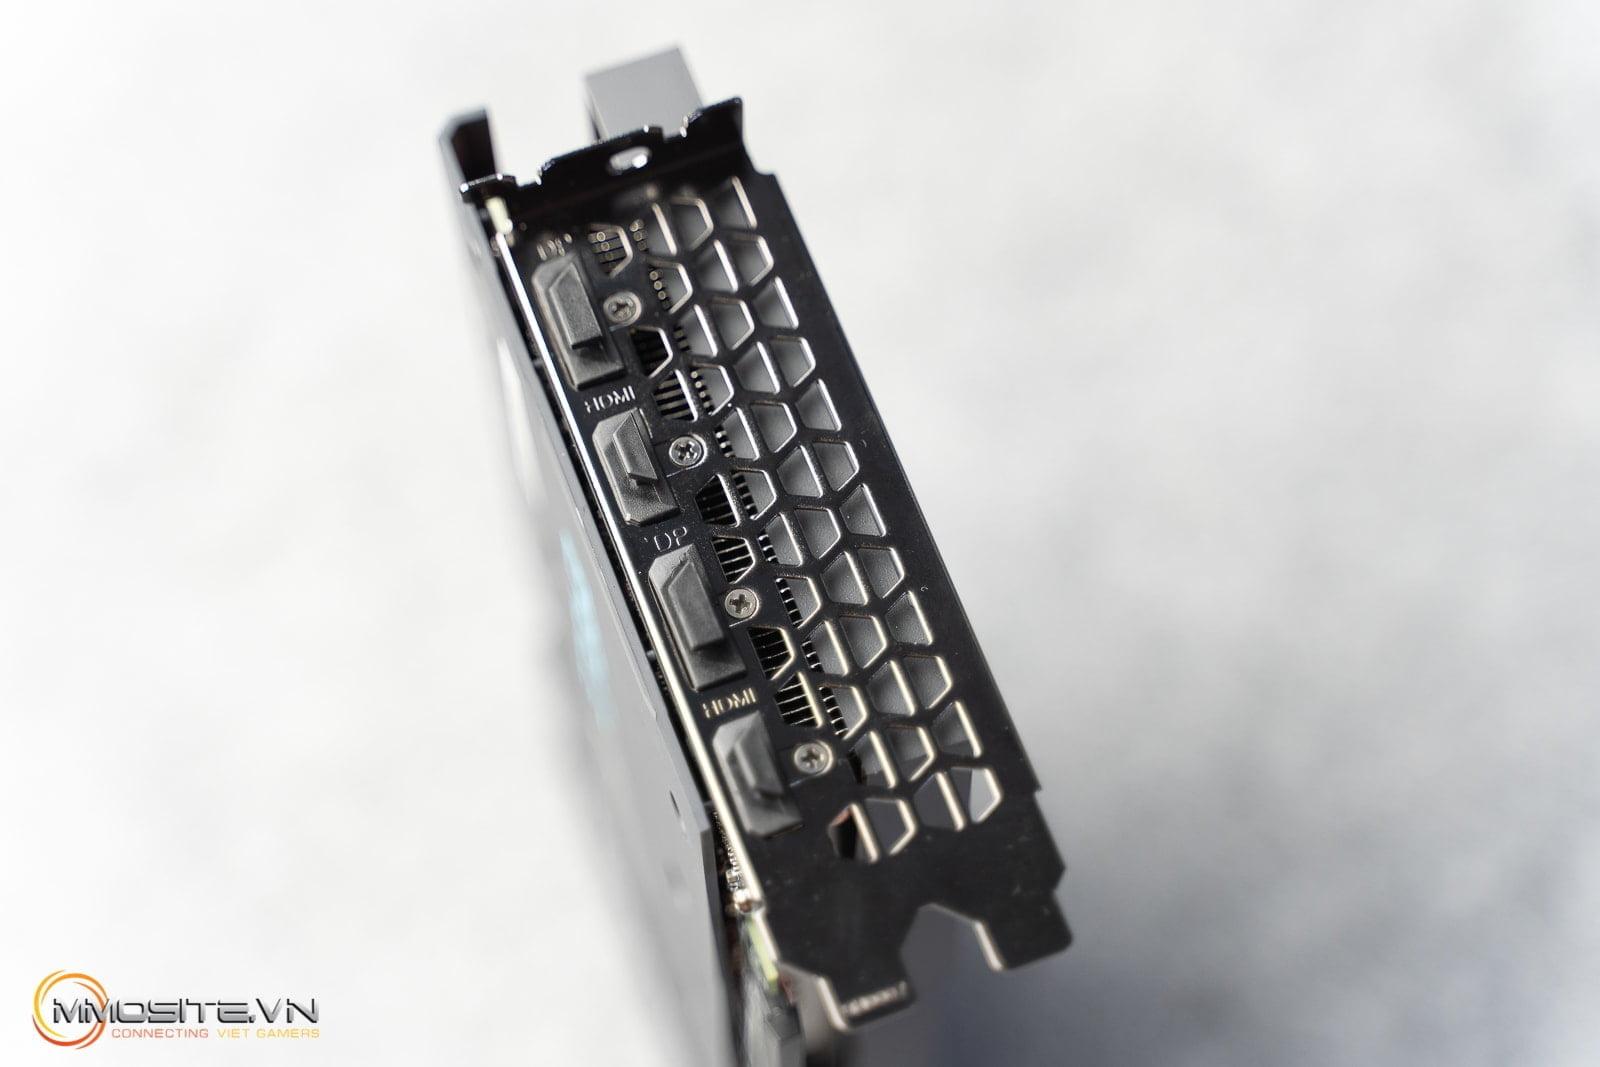 Mở hộp GIGABYTE RTX 3060 EAGLE - Đơn giản nhưng đầy đủ